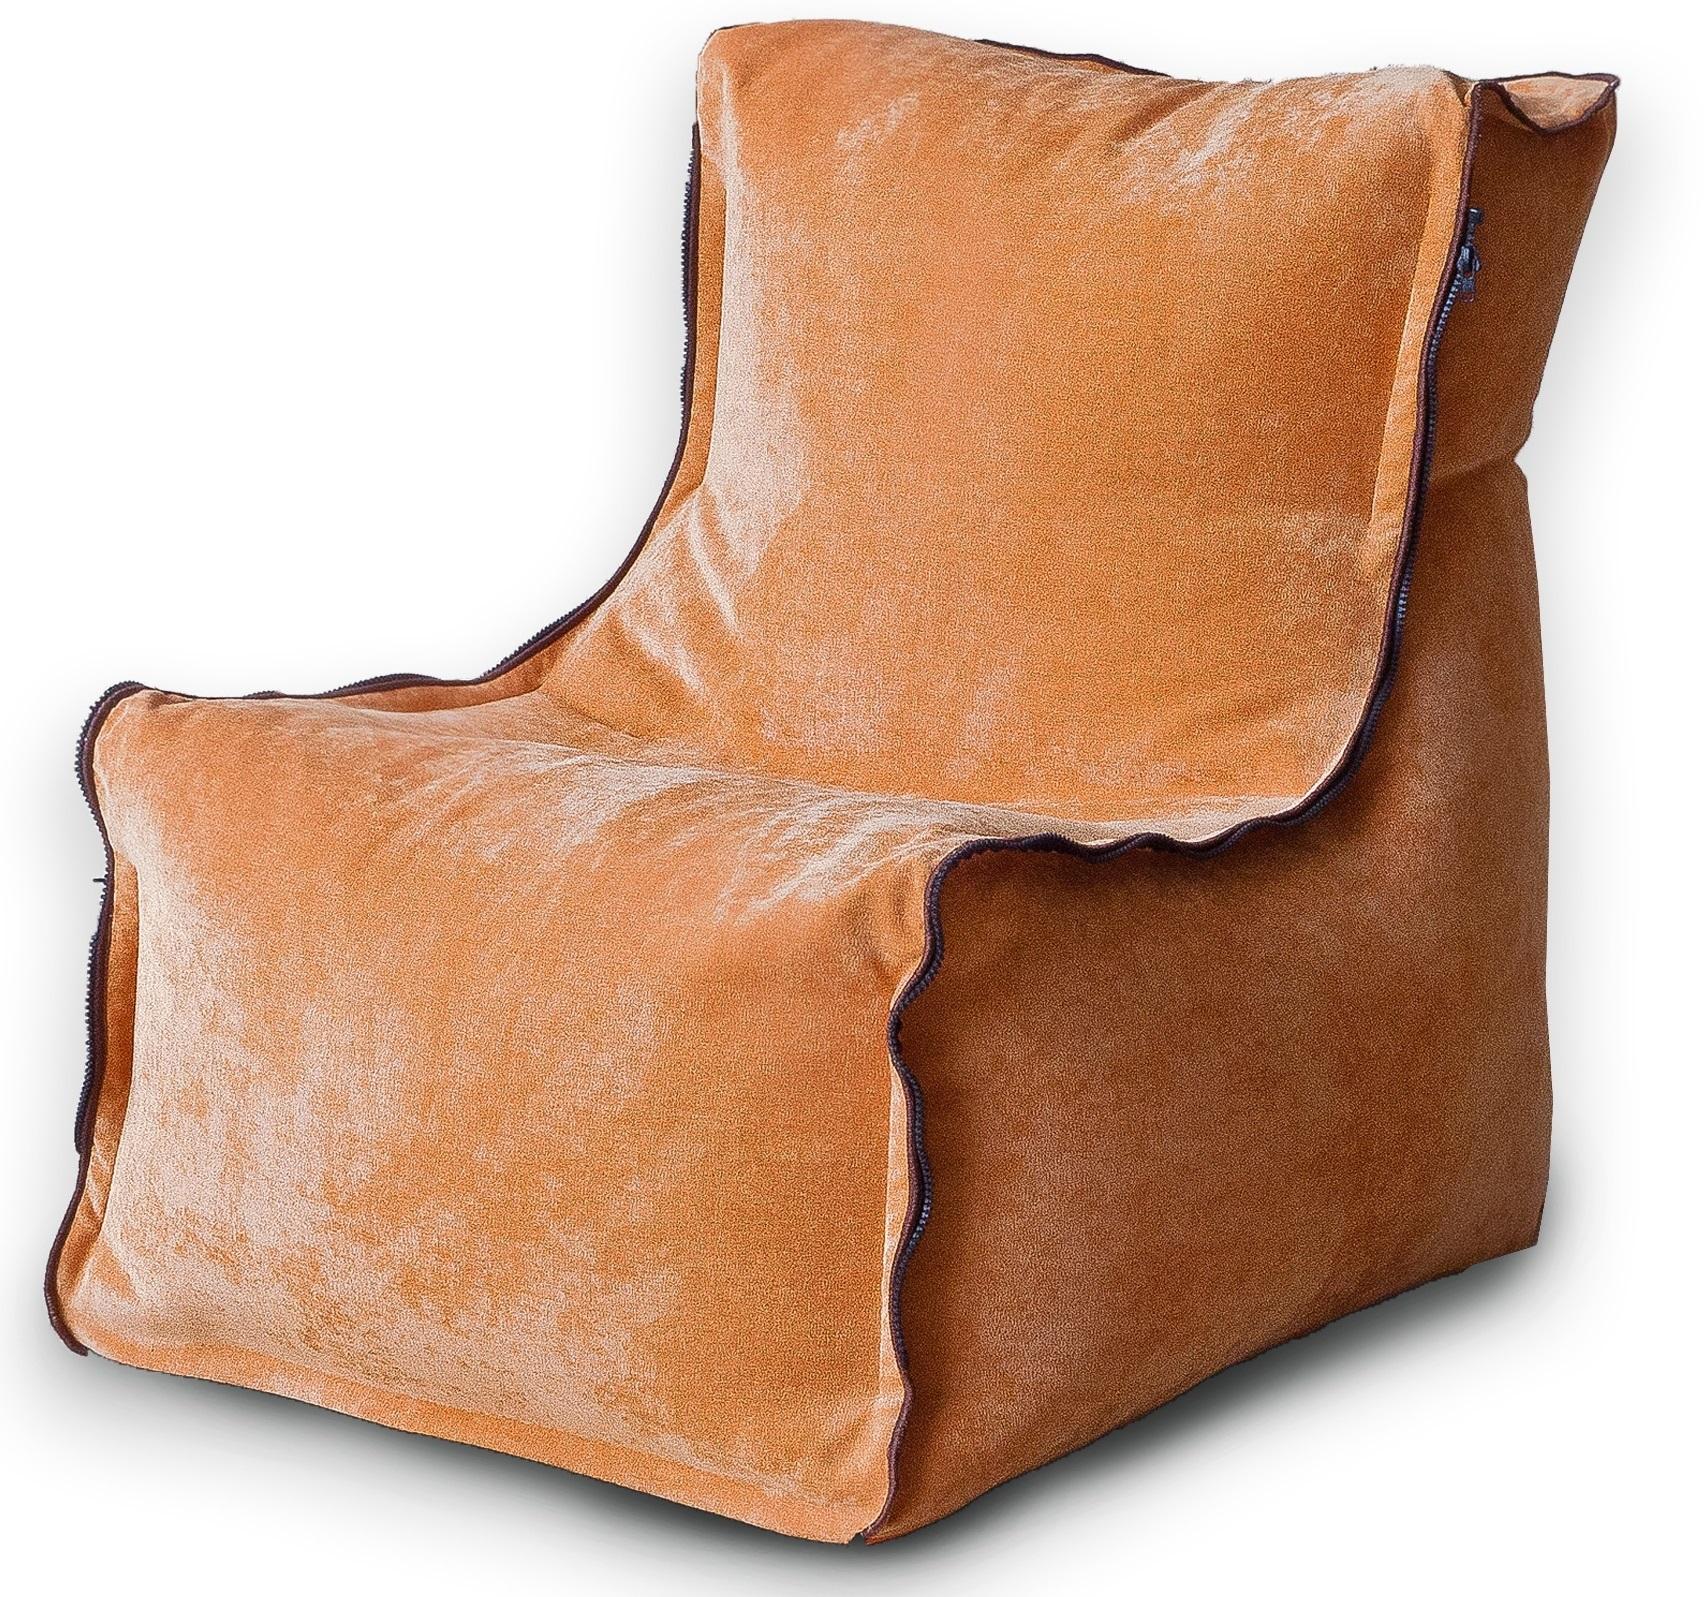 недостатки чехла для кресла